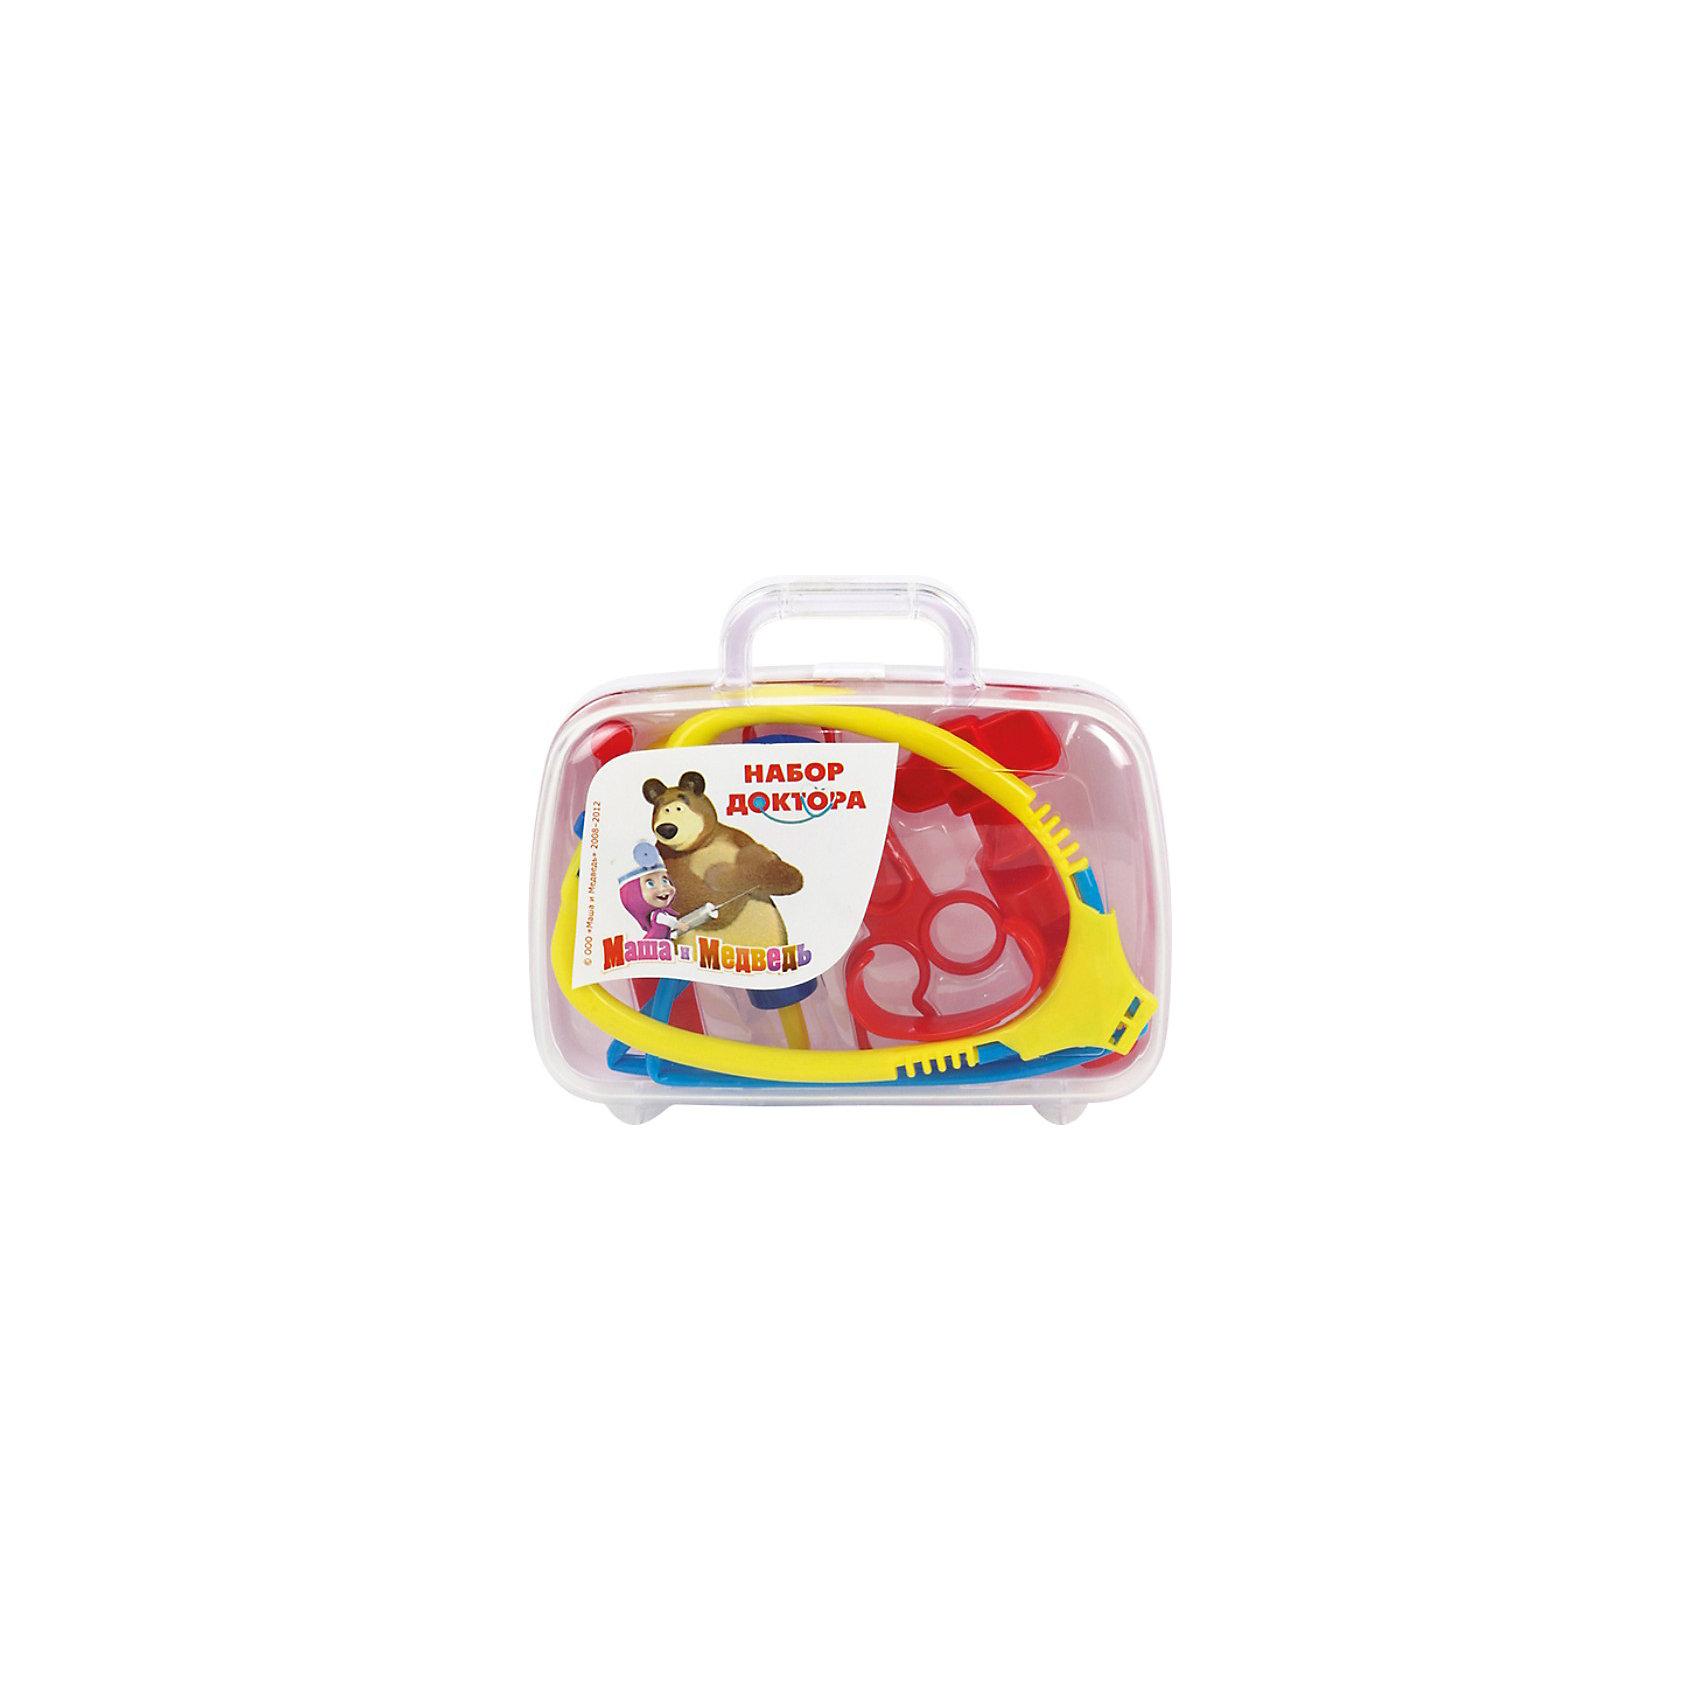 Набор доктора в пластиковом чемодане, Маша и Медведь, Играем вместеНабор доктора в пластиковом чемодане, Маша и Медведь, Играем вместе, в ассортименте – это отличный подарок для юного доктора.<br>Этот набор незаменим для маленького доктора или медсестры! Ведь в нем ребенок все необходимое для скорой помощи заболевшему. Шесть различных медицинских предметов помогут спасти любого пациента, а удобный пластиковый чемоданчик просто незаменим в больничных делах! Играй в доктора вместе с любимыми персонажами мультфильма Маша и медведь!<br><br>Дополнительная информация:<br><br>- В наборе: шесть медицинских предметов, чемодан<br>- Материал: пластик<br>- Размер упаковки: 18 х 16 х 5 см.<br>- Вес: 270 гр.<br><br>Данный артикул может быть представлен в разных вариантах исполнения. К сожалению, заранее выбрать определенный вариант невозможно. При заказе нескольких наборов возможно получение одинаковых.<br><br>Набор доктора в пластиковом чемодане, Маша и Медведь, Играем вместе, в ассортименте можно купить в нашем интернет-магазине.<br><br>Ширина мм: 50<br>Глубина мм: 180<br>Высота мм: 160<br>Вес г: 270<br>Возраст от месяцев: 24<br>Возраст до месяцев: 120<br>Пол: Унисекс<br>Возраст: Детский<br>SKU: 3848621